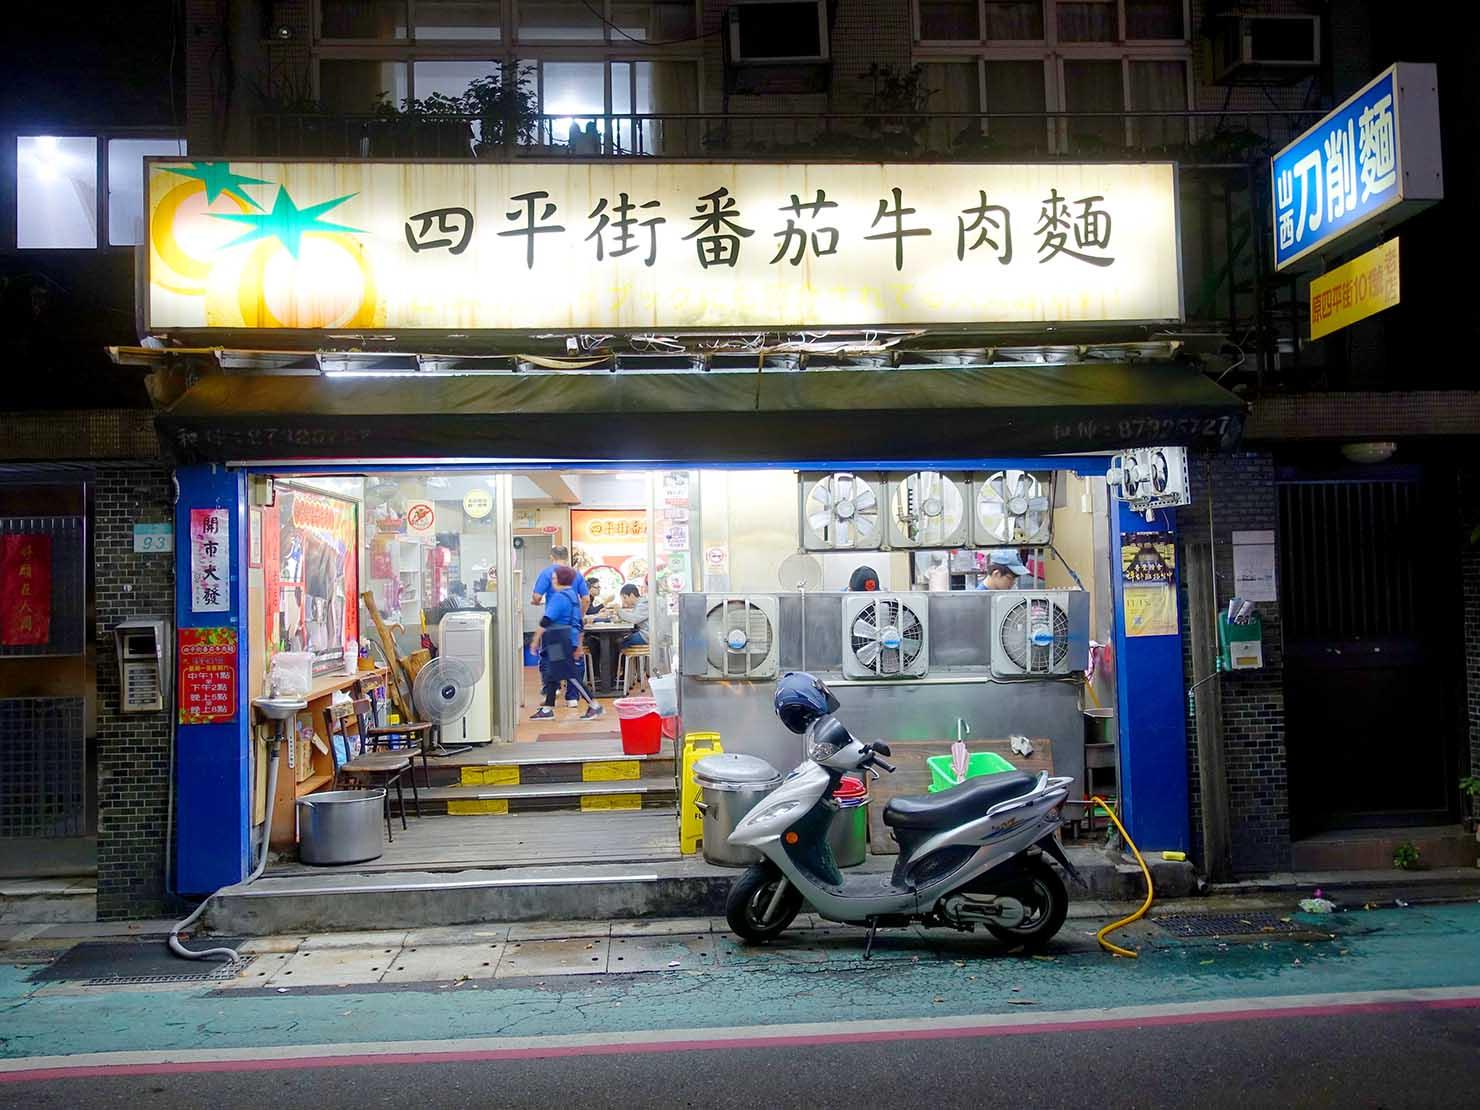 台北・松江南京駅(四平街商圈)周辺のおすすめグルメ店「四平街番茄牛肉麵」の外観